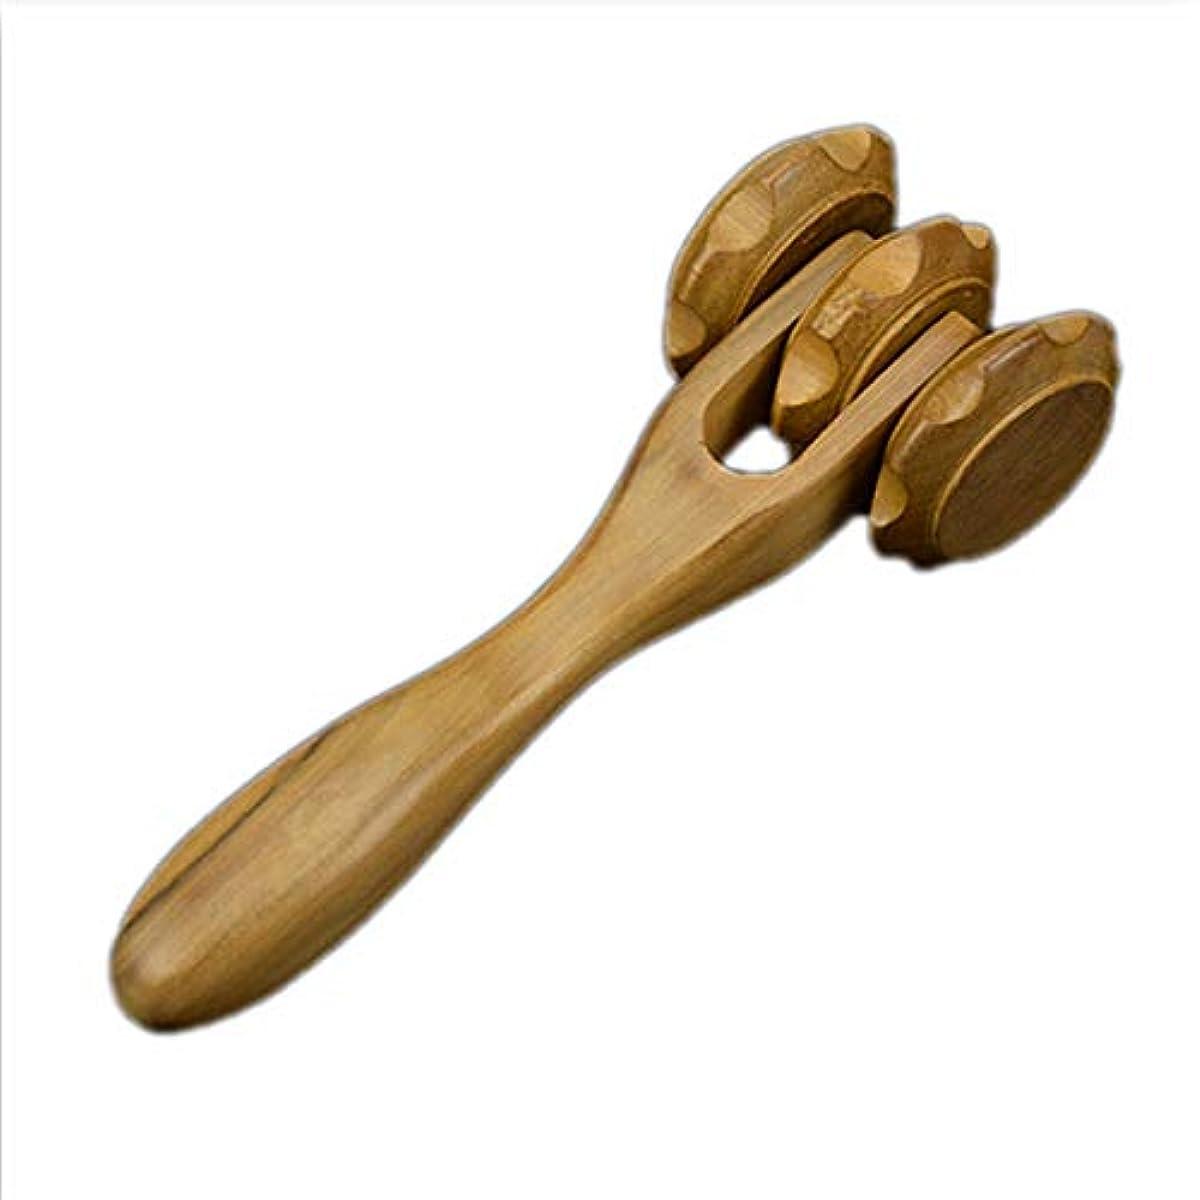 これまでホールドオール雄弁家フェリモア マッサージローラー 木製 ツボ押し 3連ローラー 首 肩 腰 二の腕 美顔 筋肉 (ブラウン)